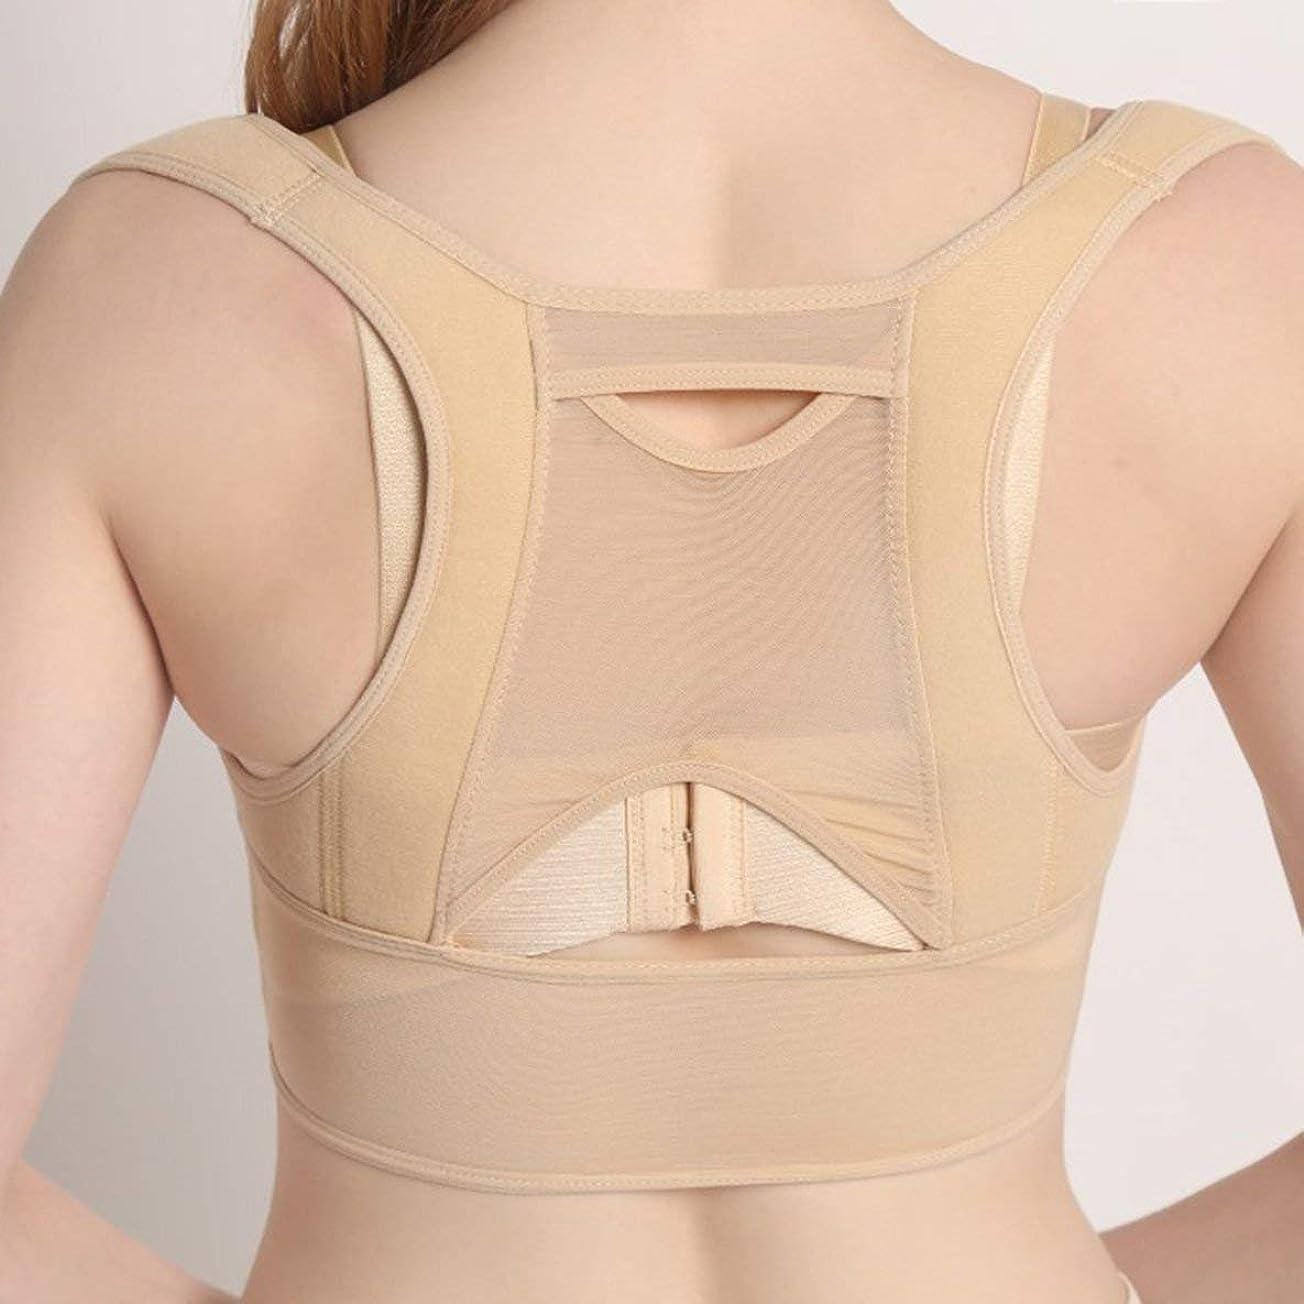 動的無一文きちんとしたBirdlantern 女性の背中の姿勢矯正コルセット整形外科の背中の上部の肩背骨姿勢矯正腰椎サポート